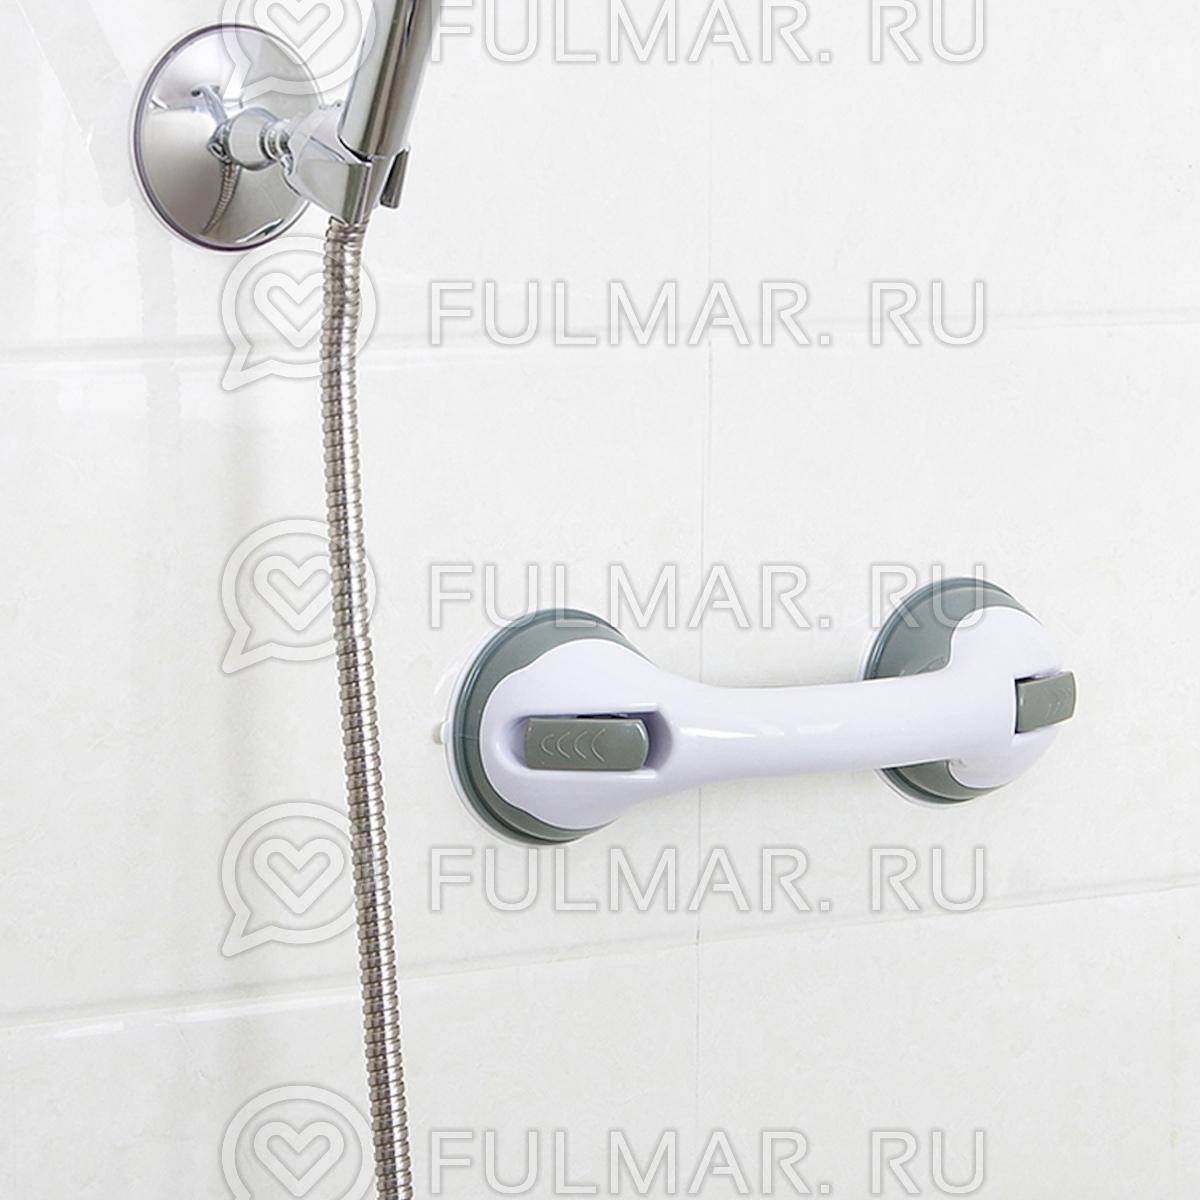 Ручка на присосках для ванной